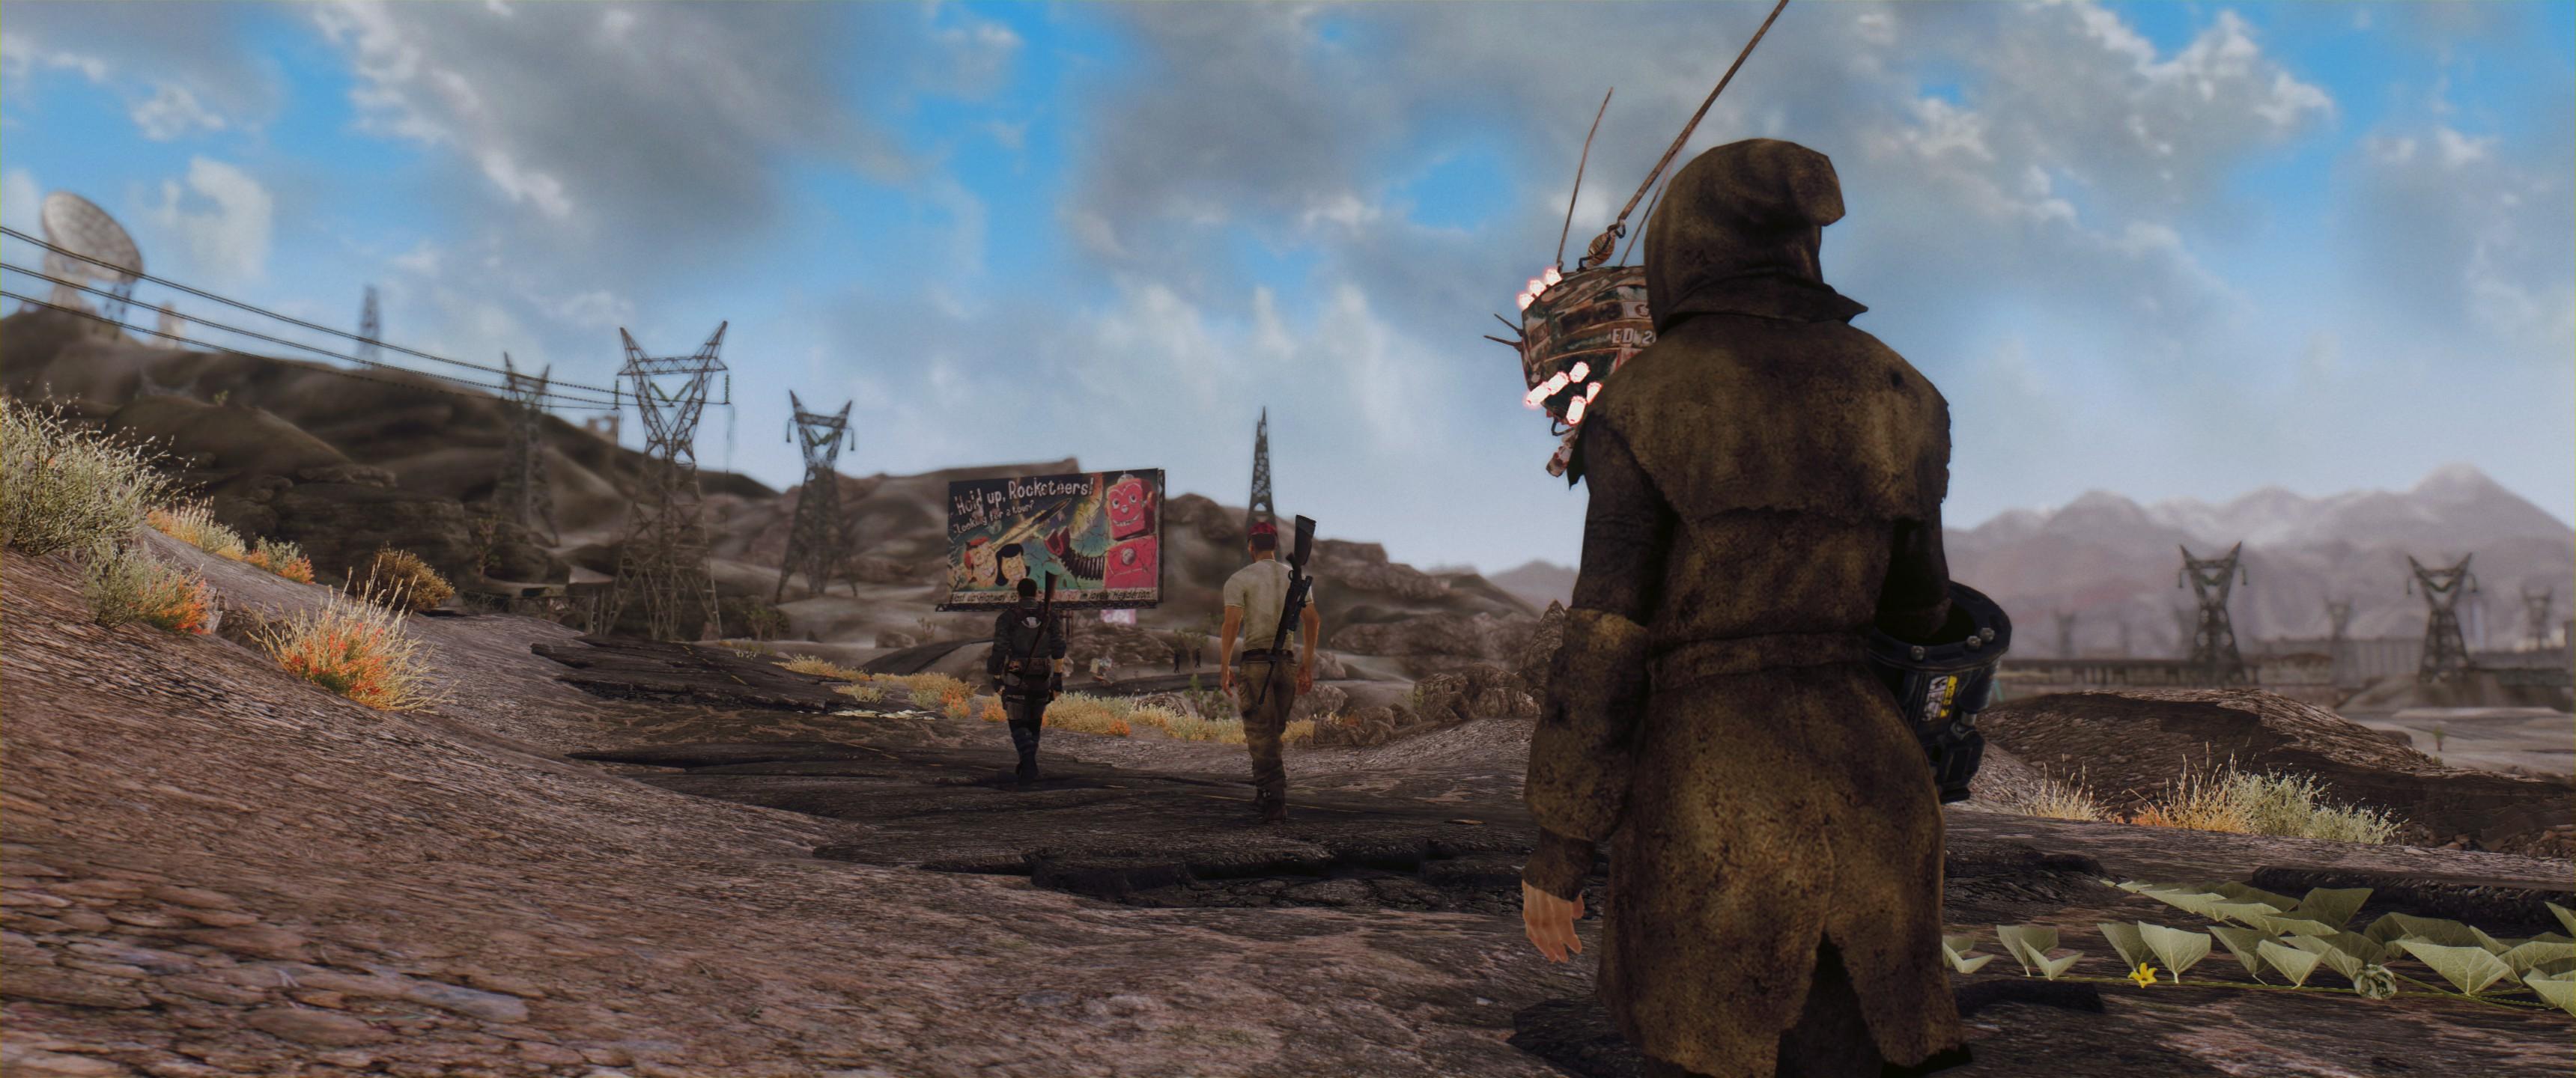 Fallout Screenshots XIII - Page 45 22380-screenshots-20190711181535-1